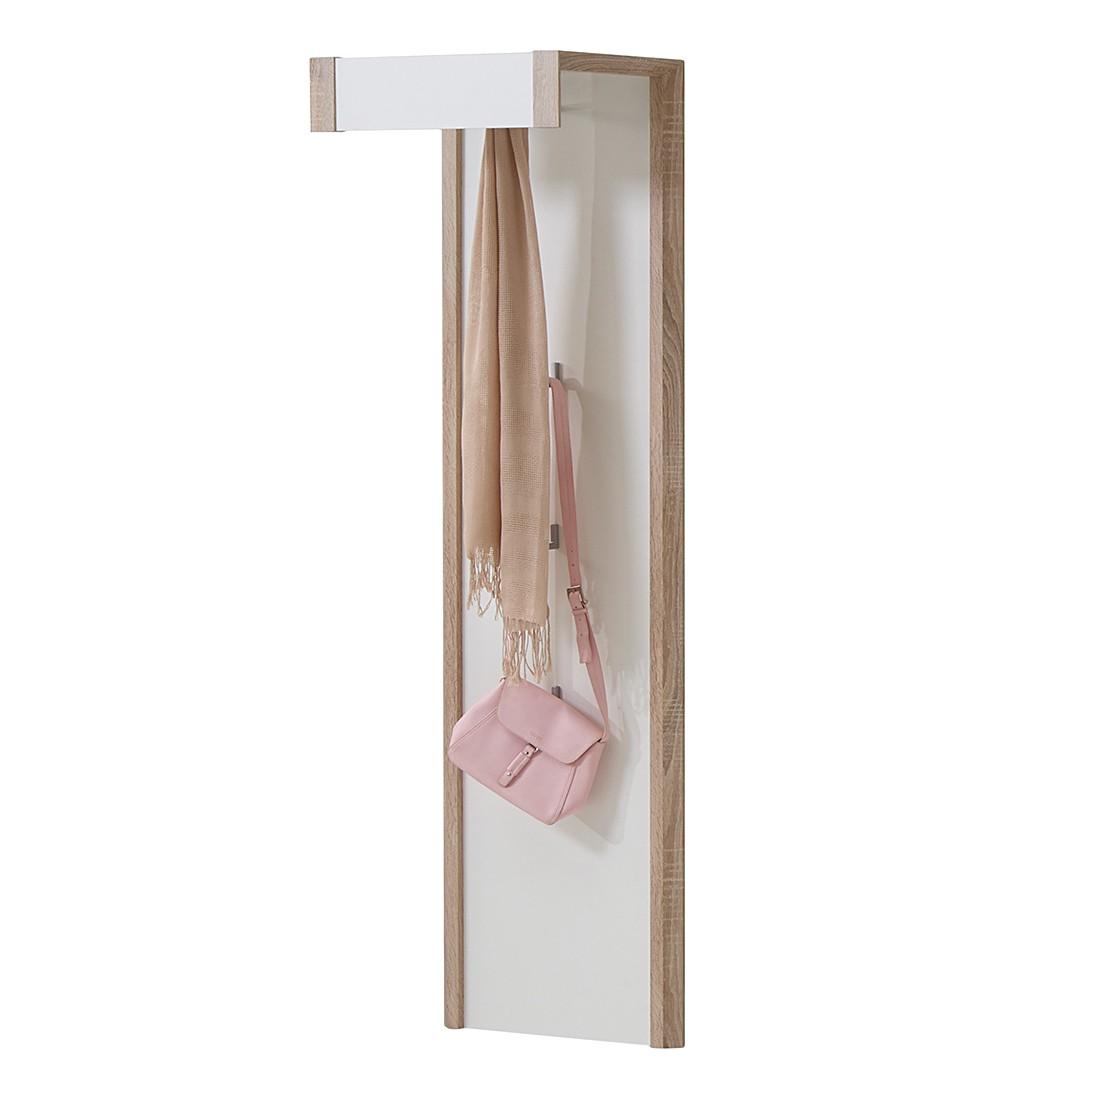 Garderobenpaneel Lenchen – Weiß – foliert/beschichtet, mooved günstig kaufen